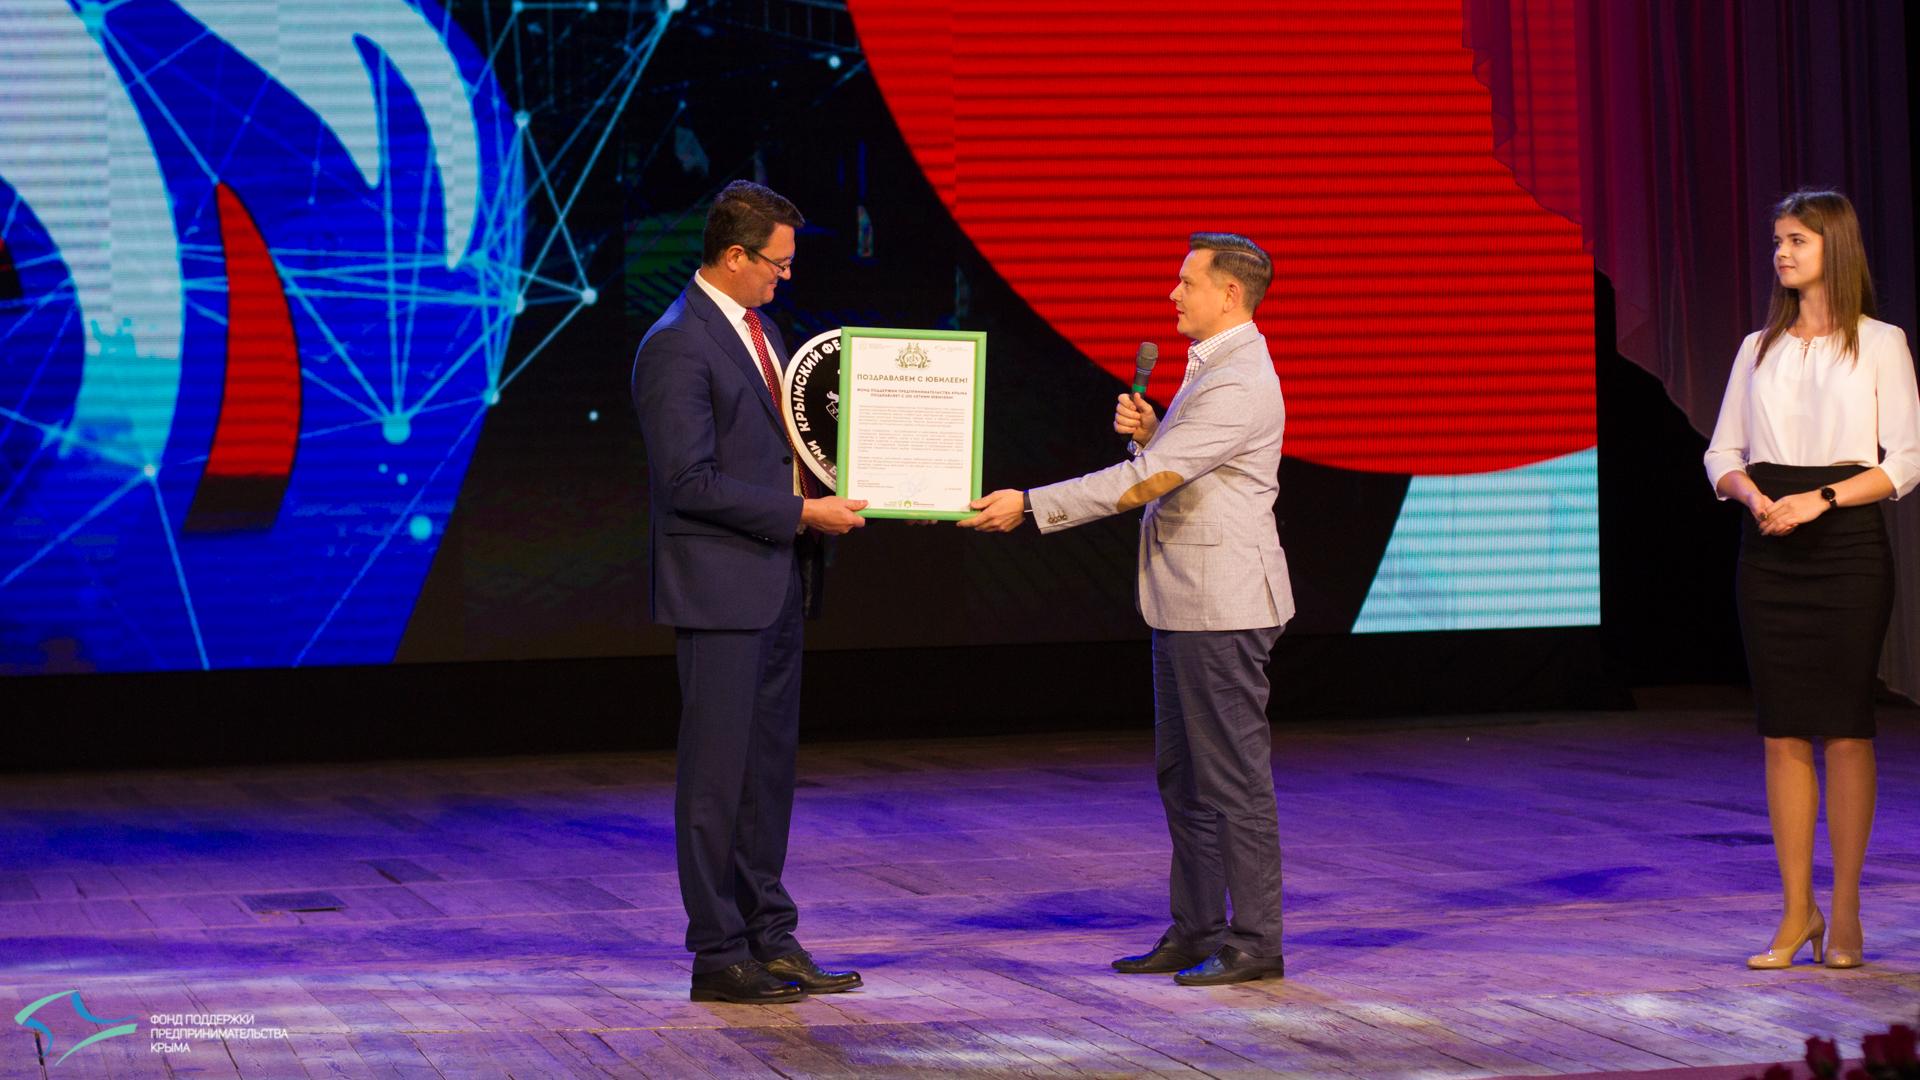 Празднование КФУ- Дмитрий Зеленский вручает подарок